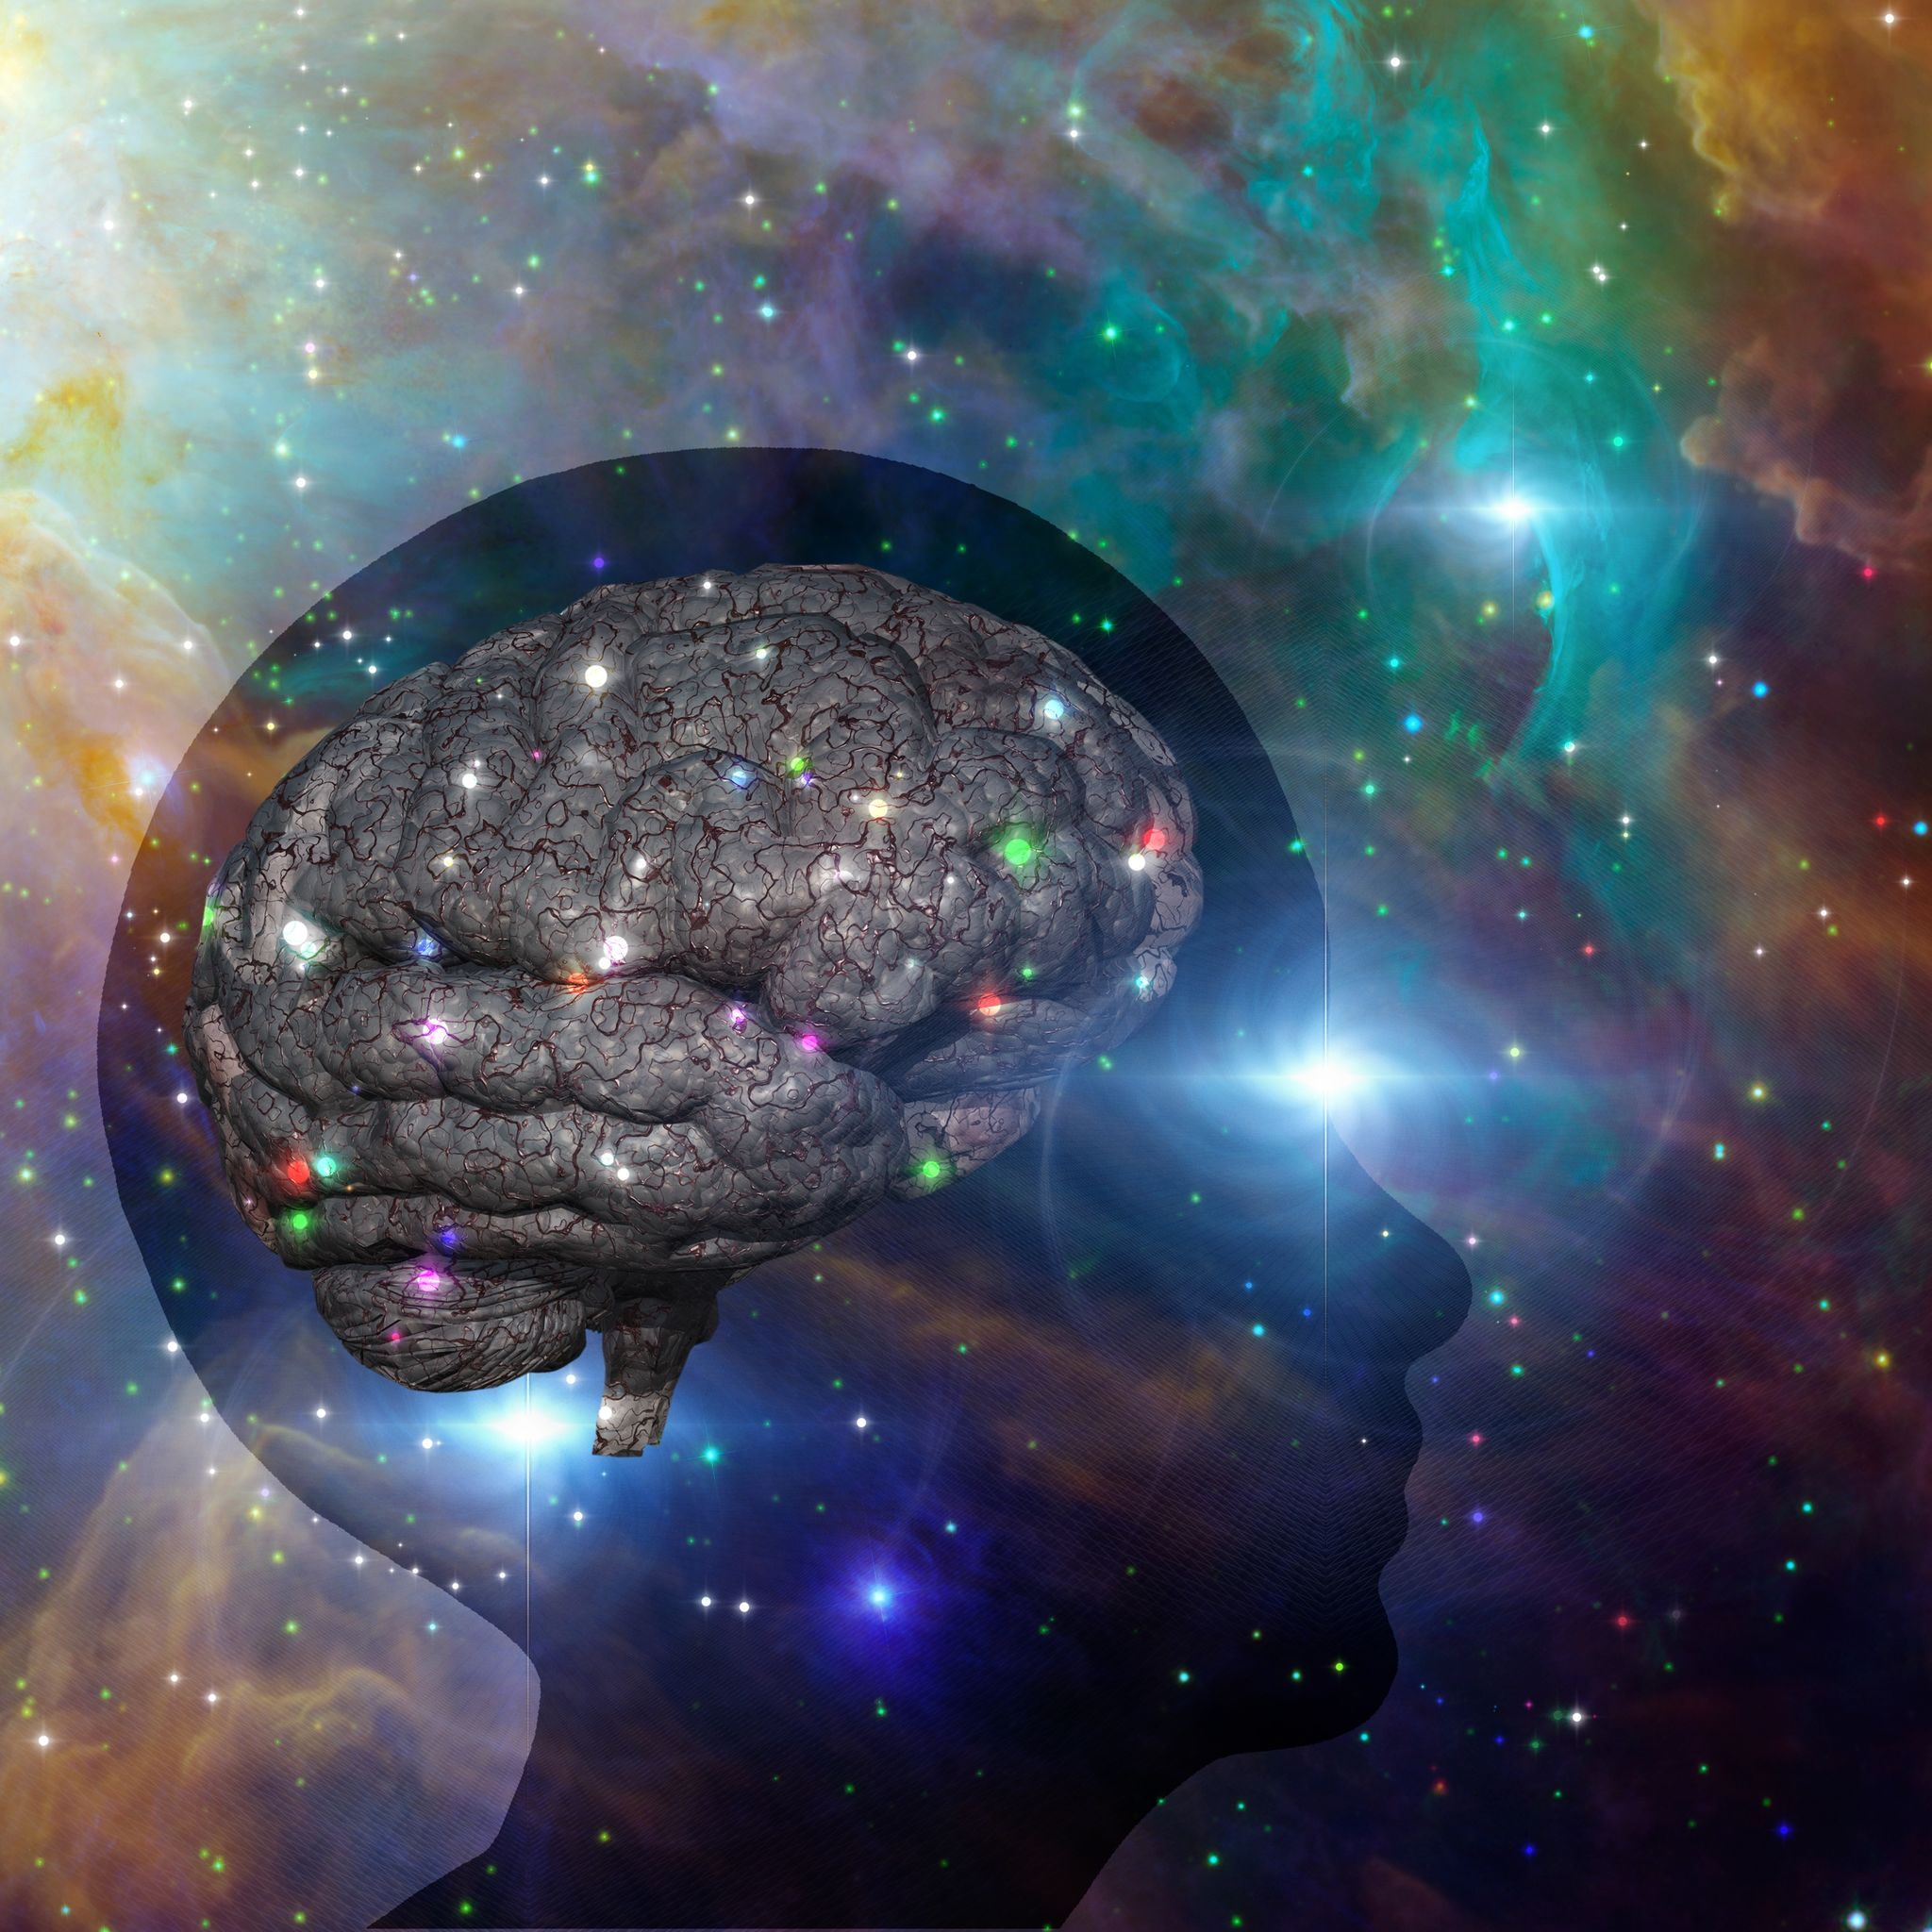 Conceito de elevação da consciência. Um cérebro dentro de uma cabeça. Fundo de universo.